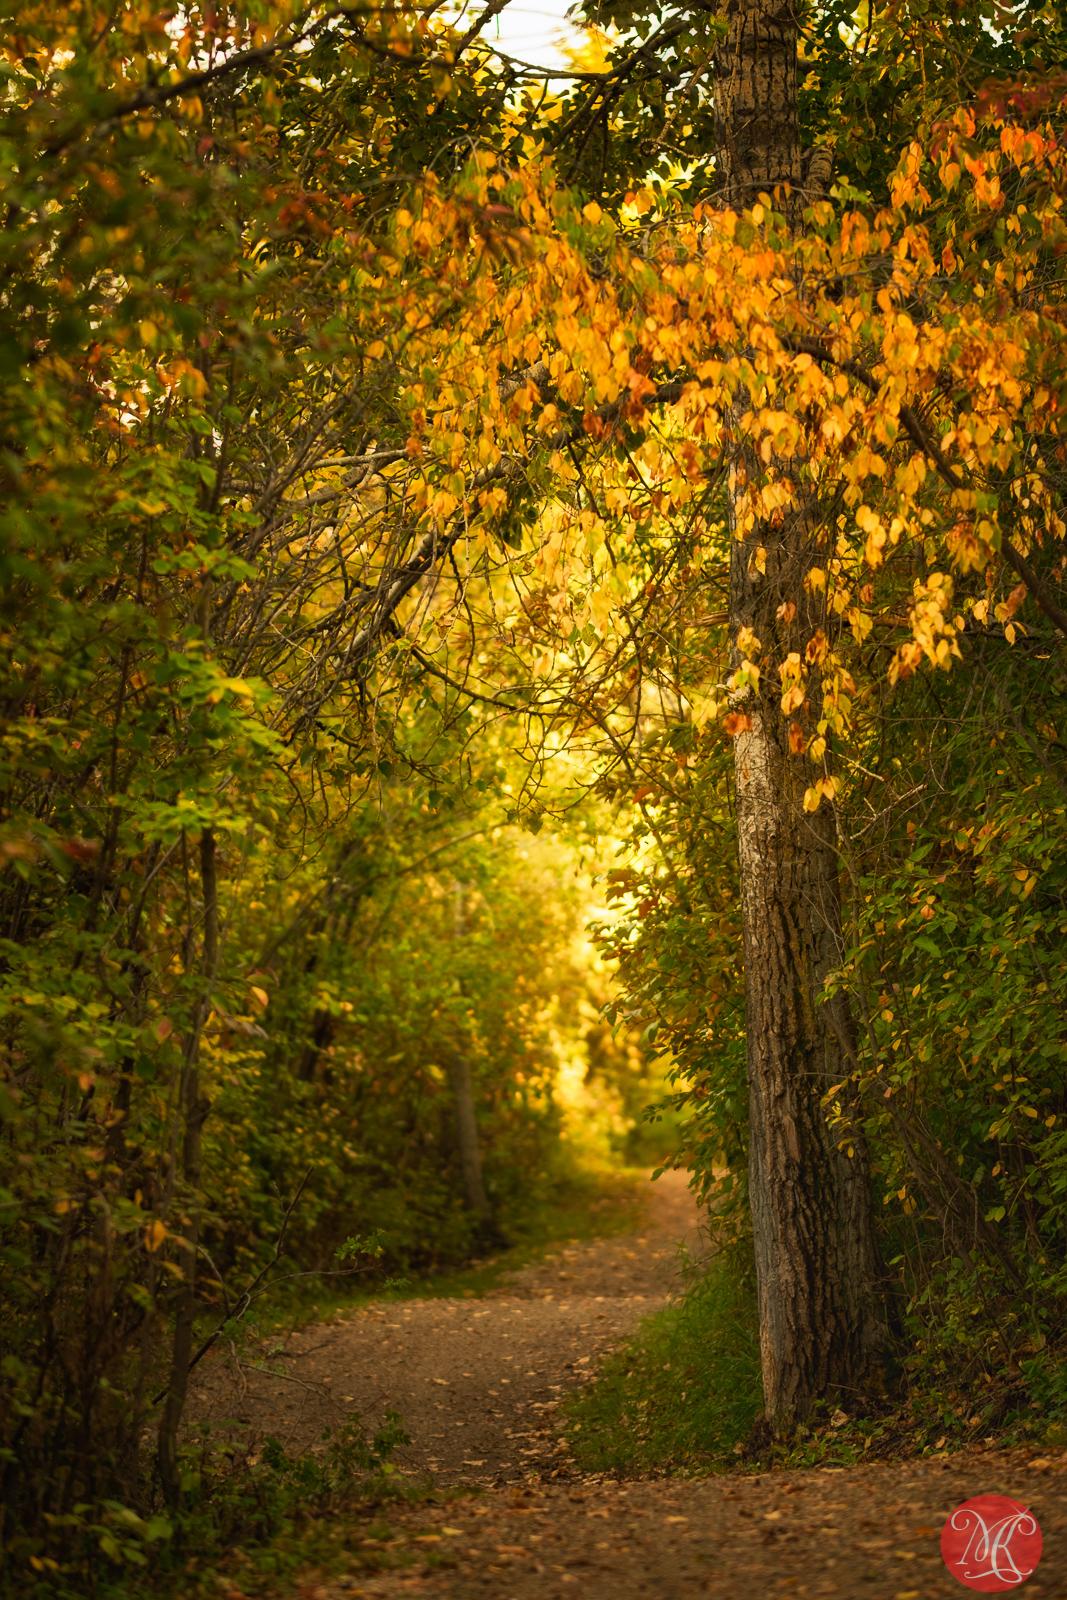 Fall at the park 4